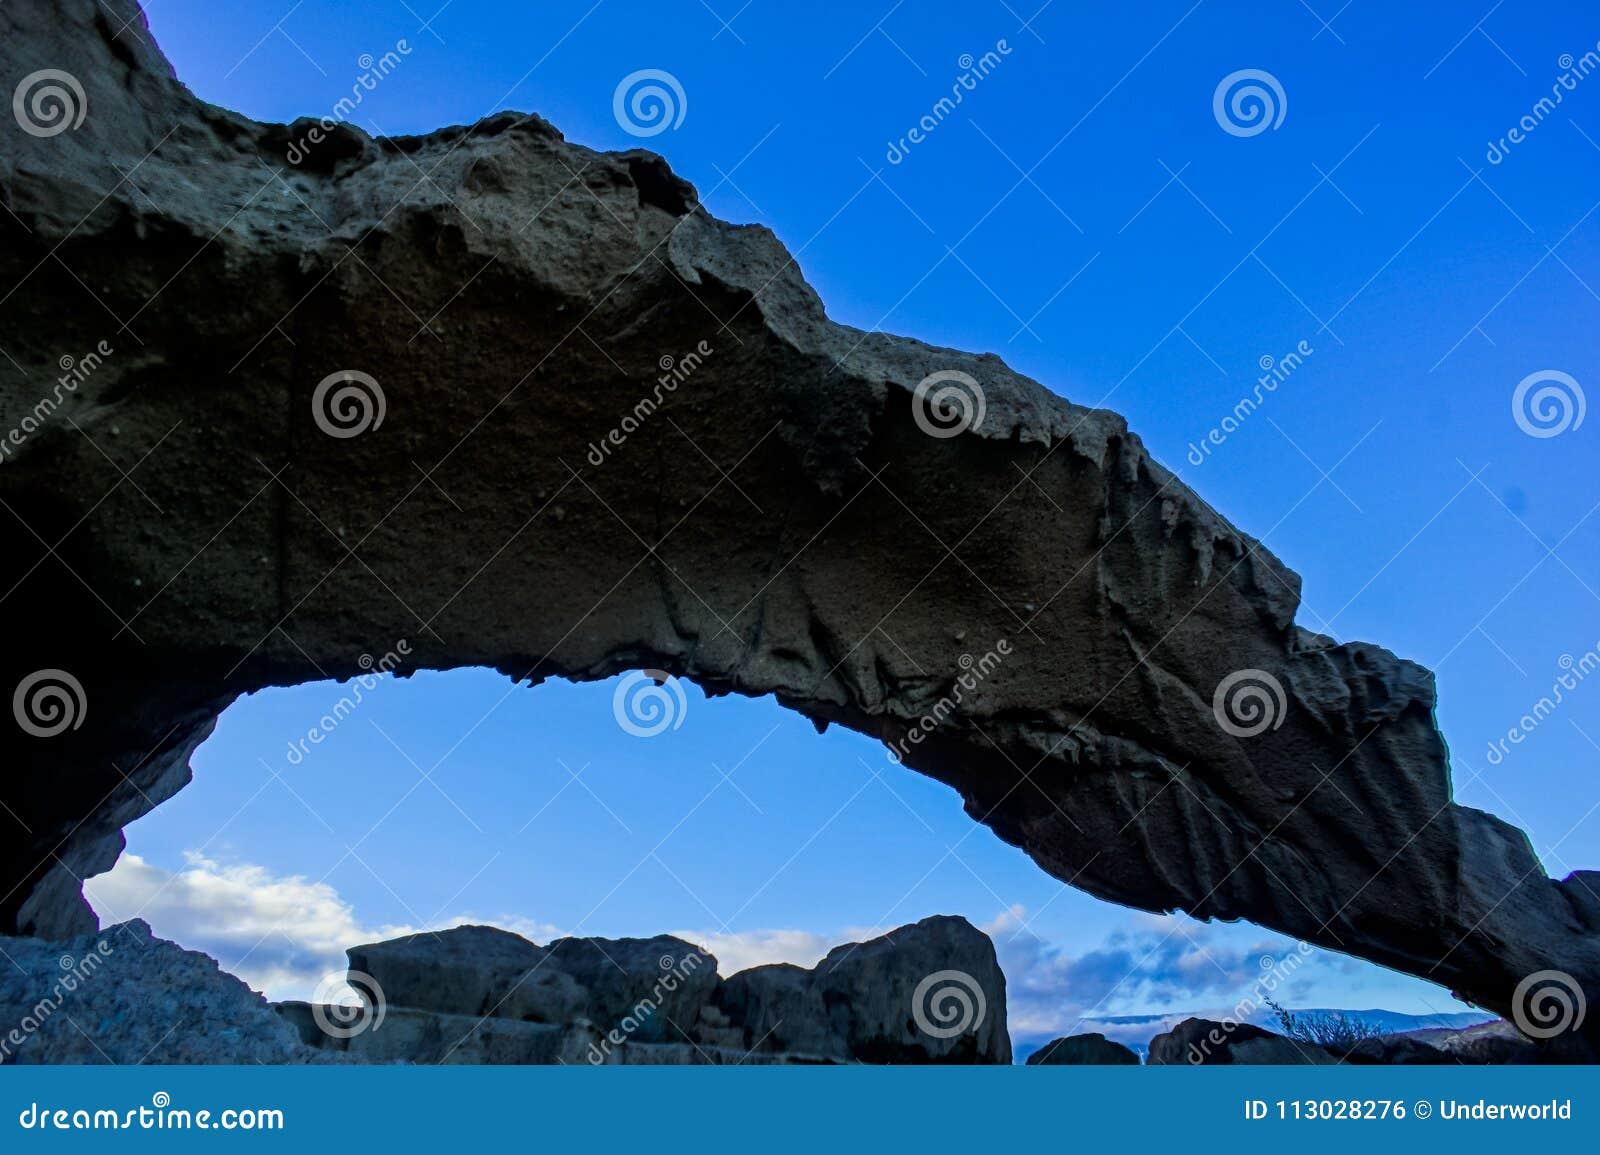 Arco natural en el desierto